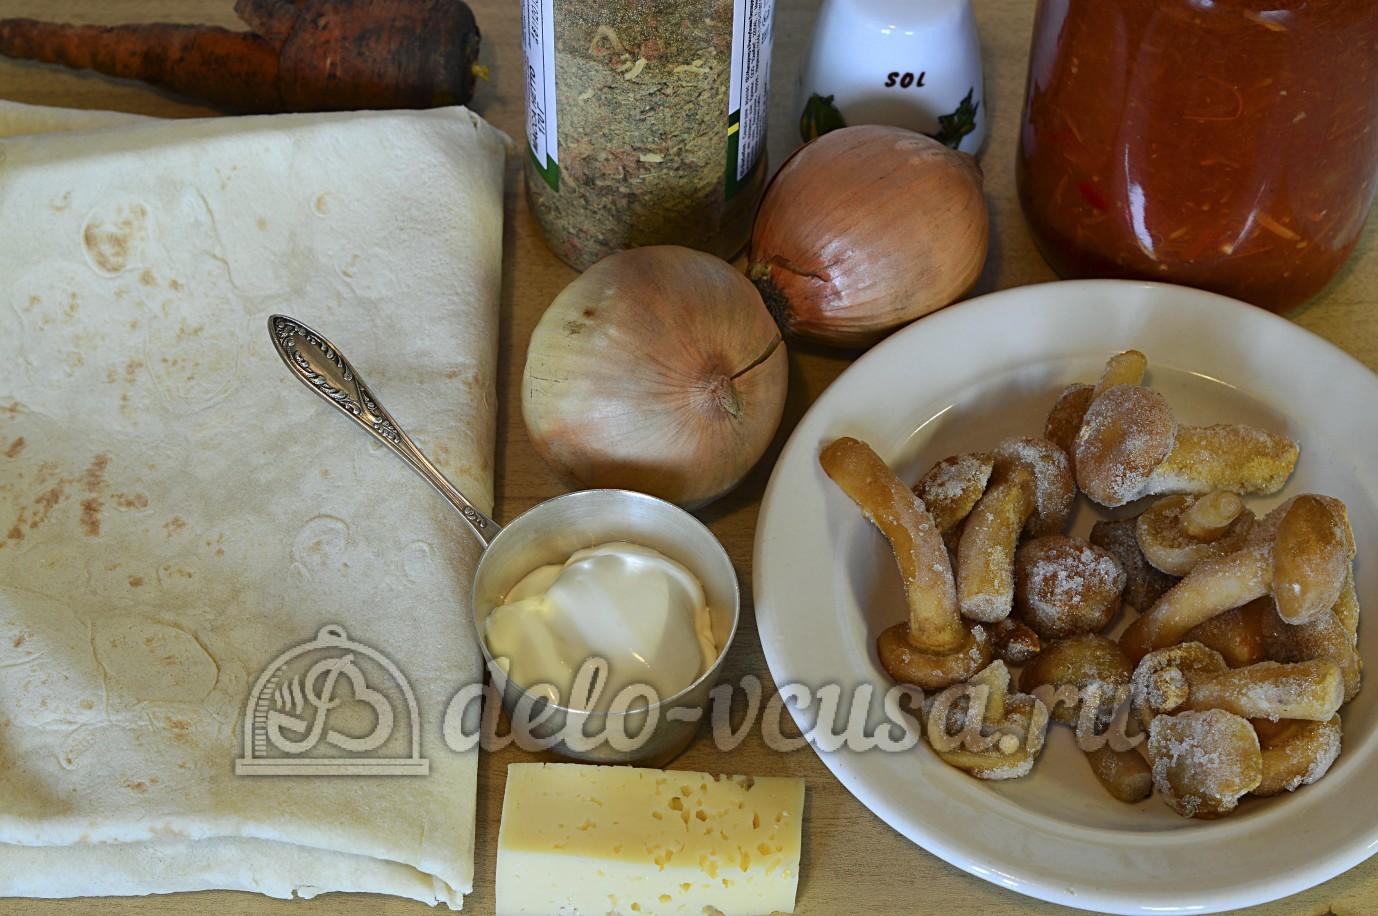 Рецепт дрожжевого теста на воде для пирожков фото